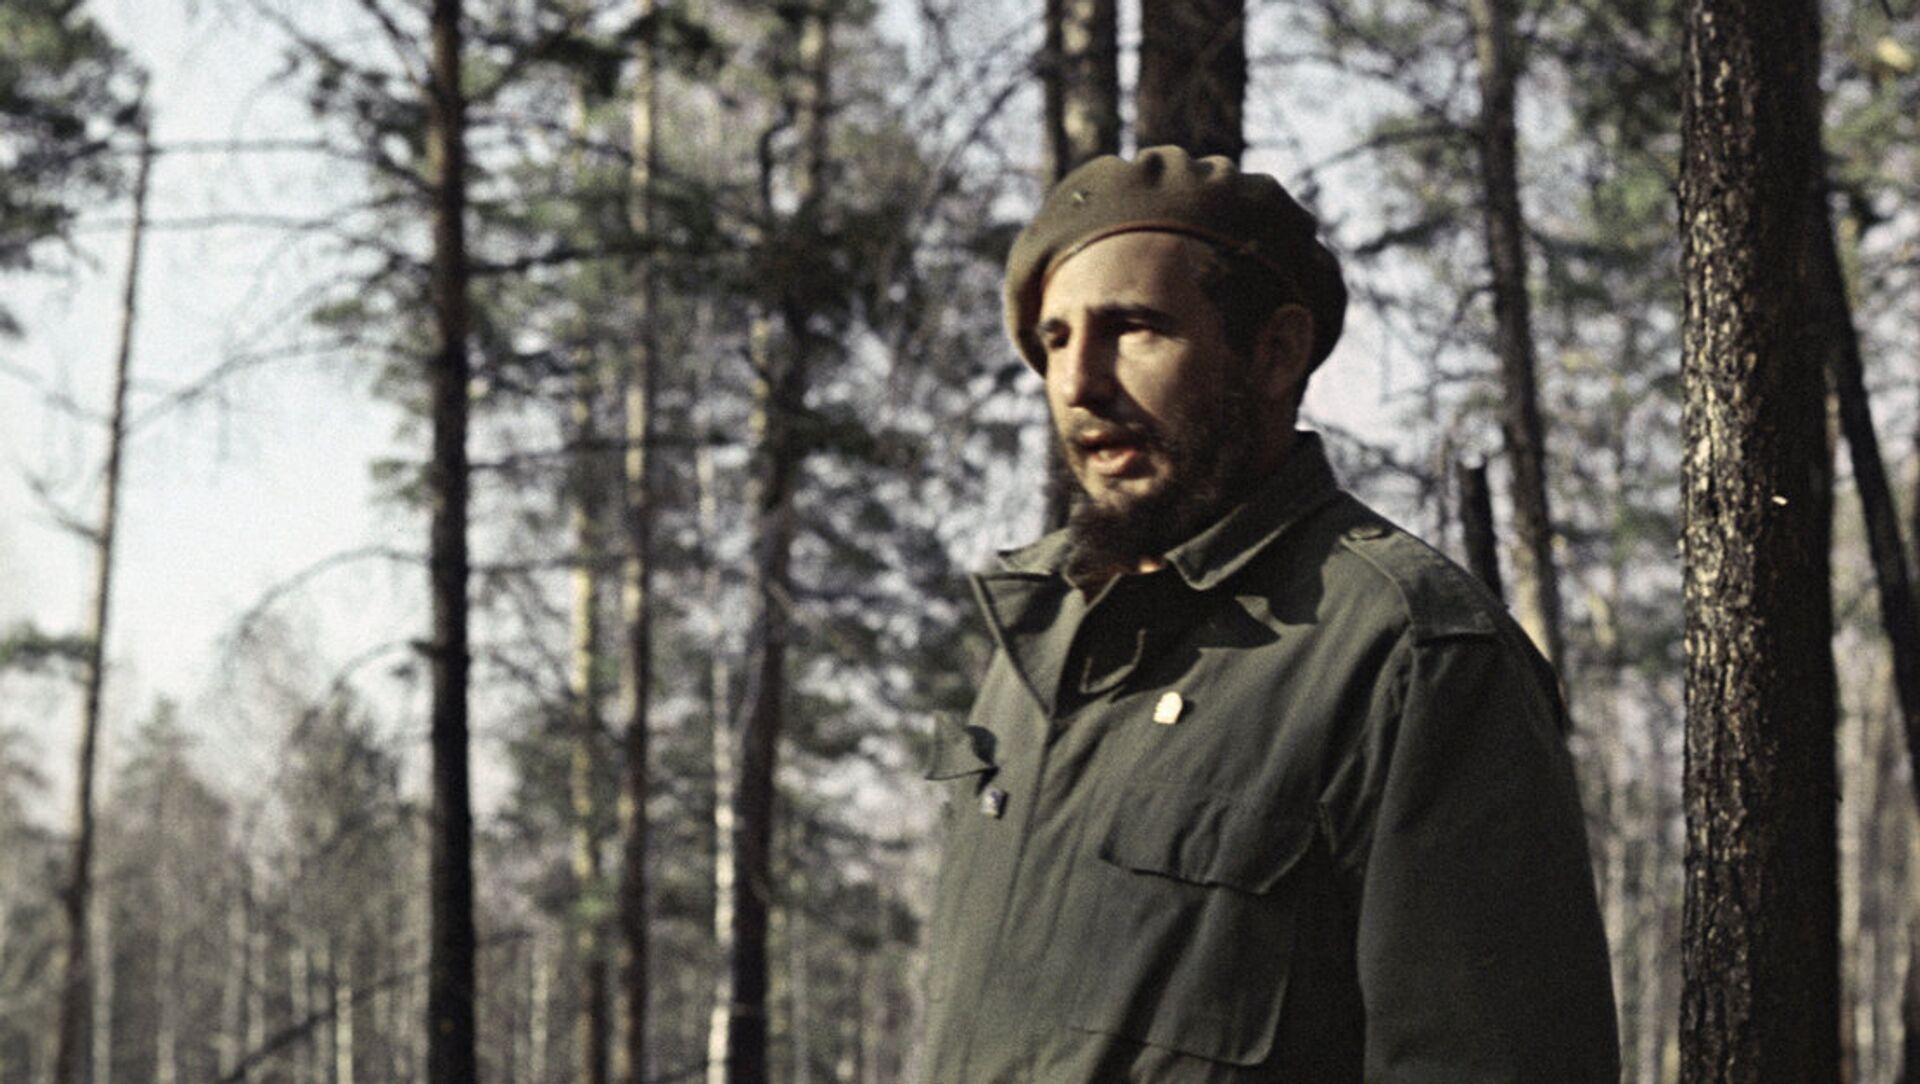 Fidel Castro, líder de la Revolución cubana, en los bosques de Siberia. - Sputnik Mundo, 1920, 26.11.2016